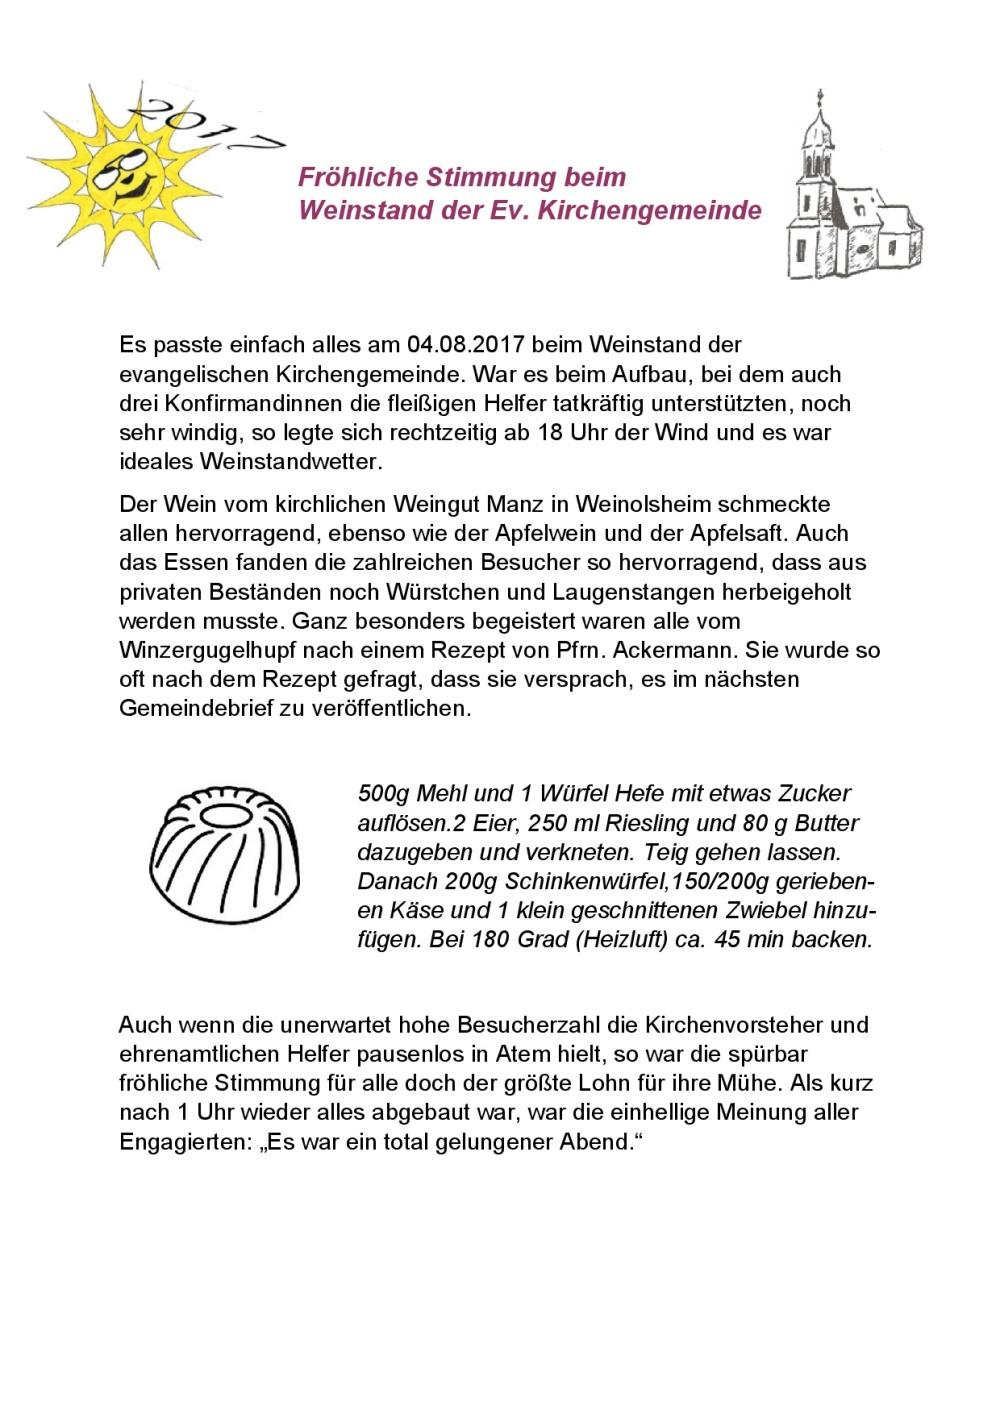 2017-08-04 Weinstand-001